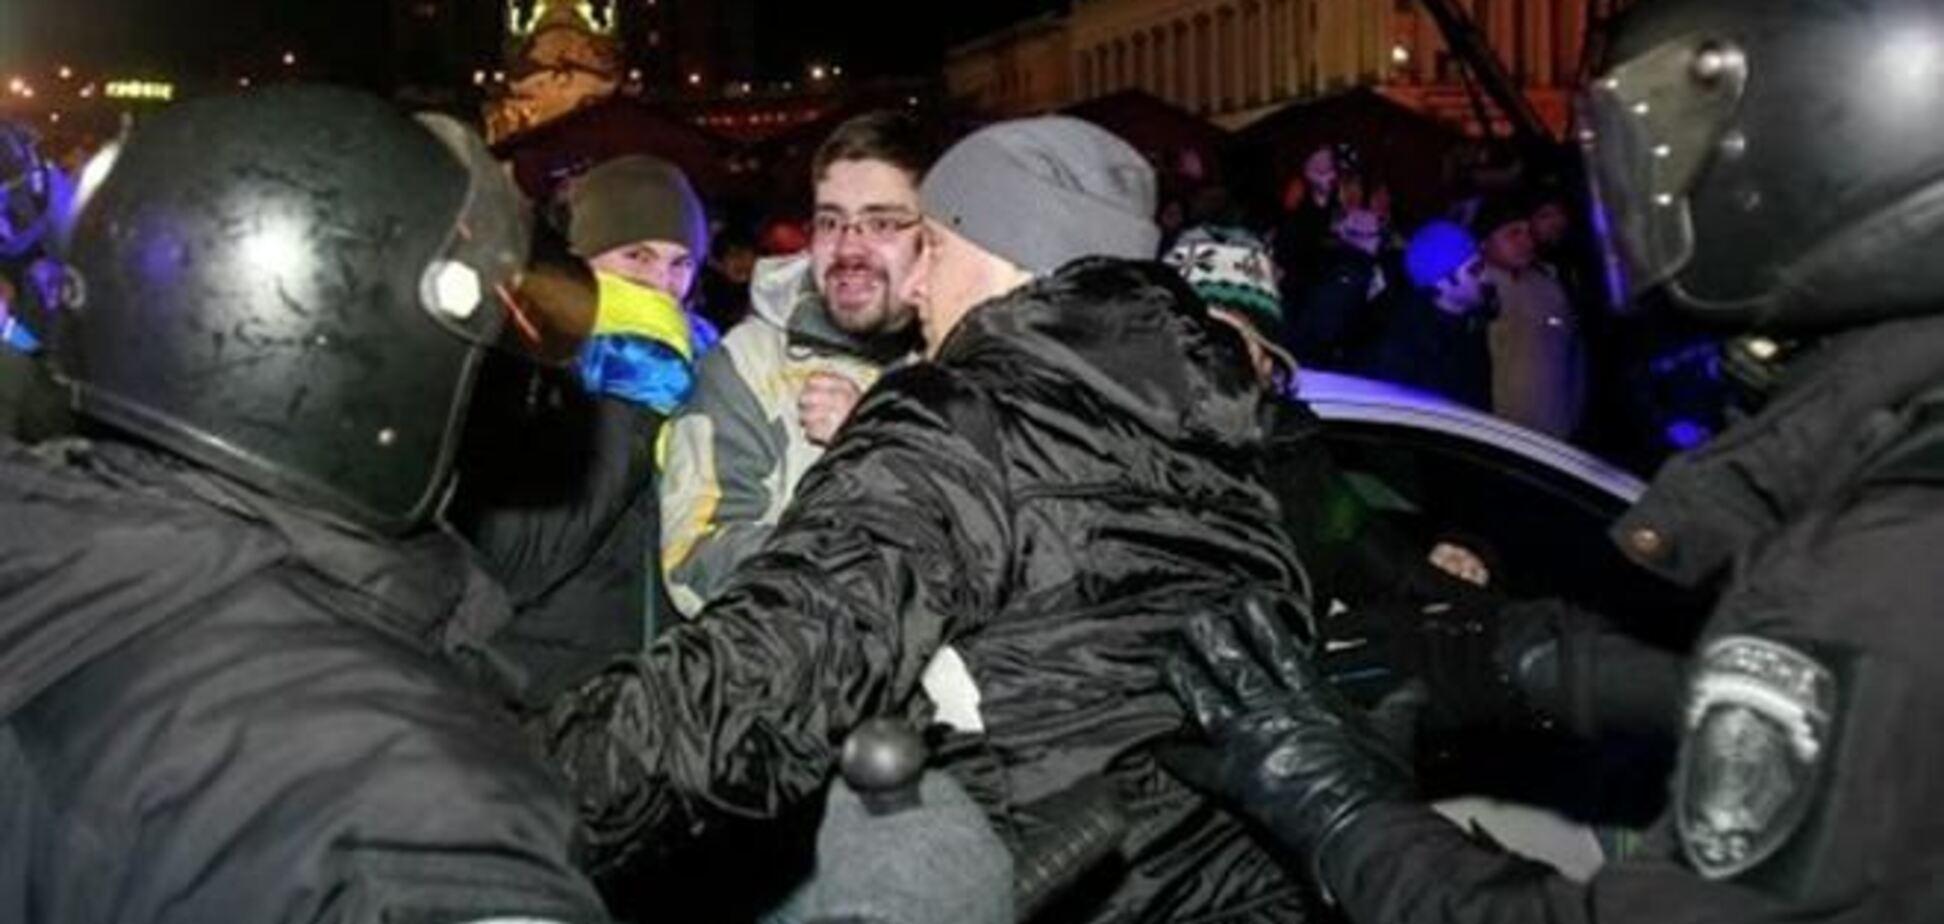 Врачи опровергают смерть девушки  после разгона Евромайдана